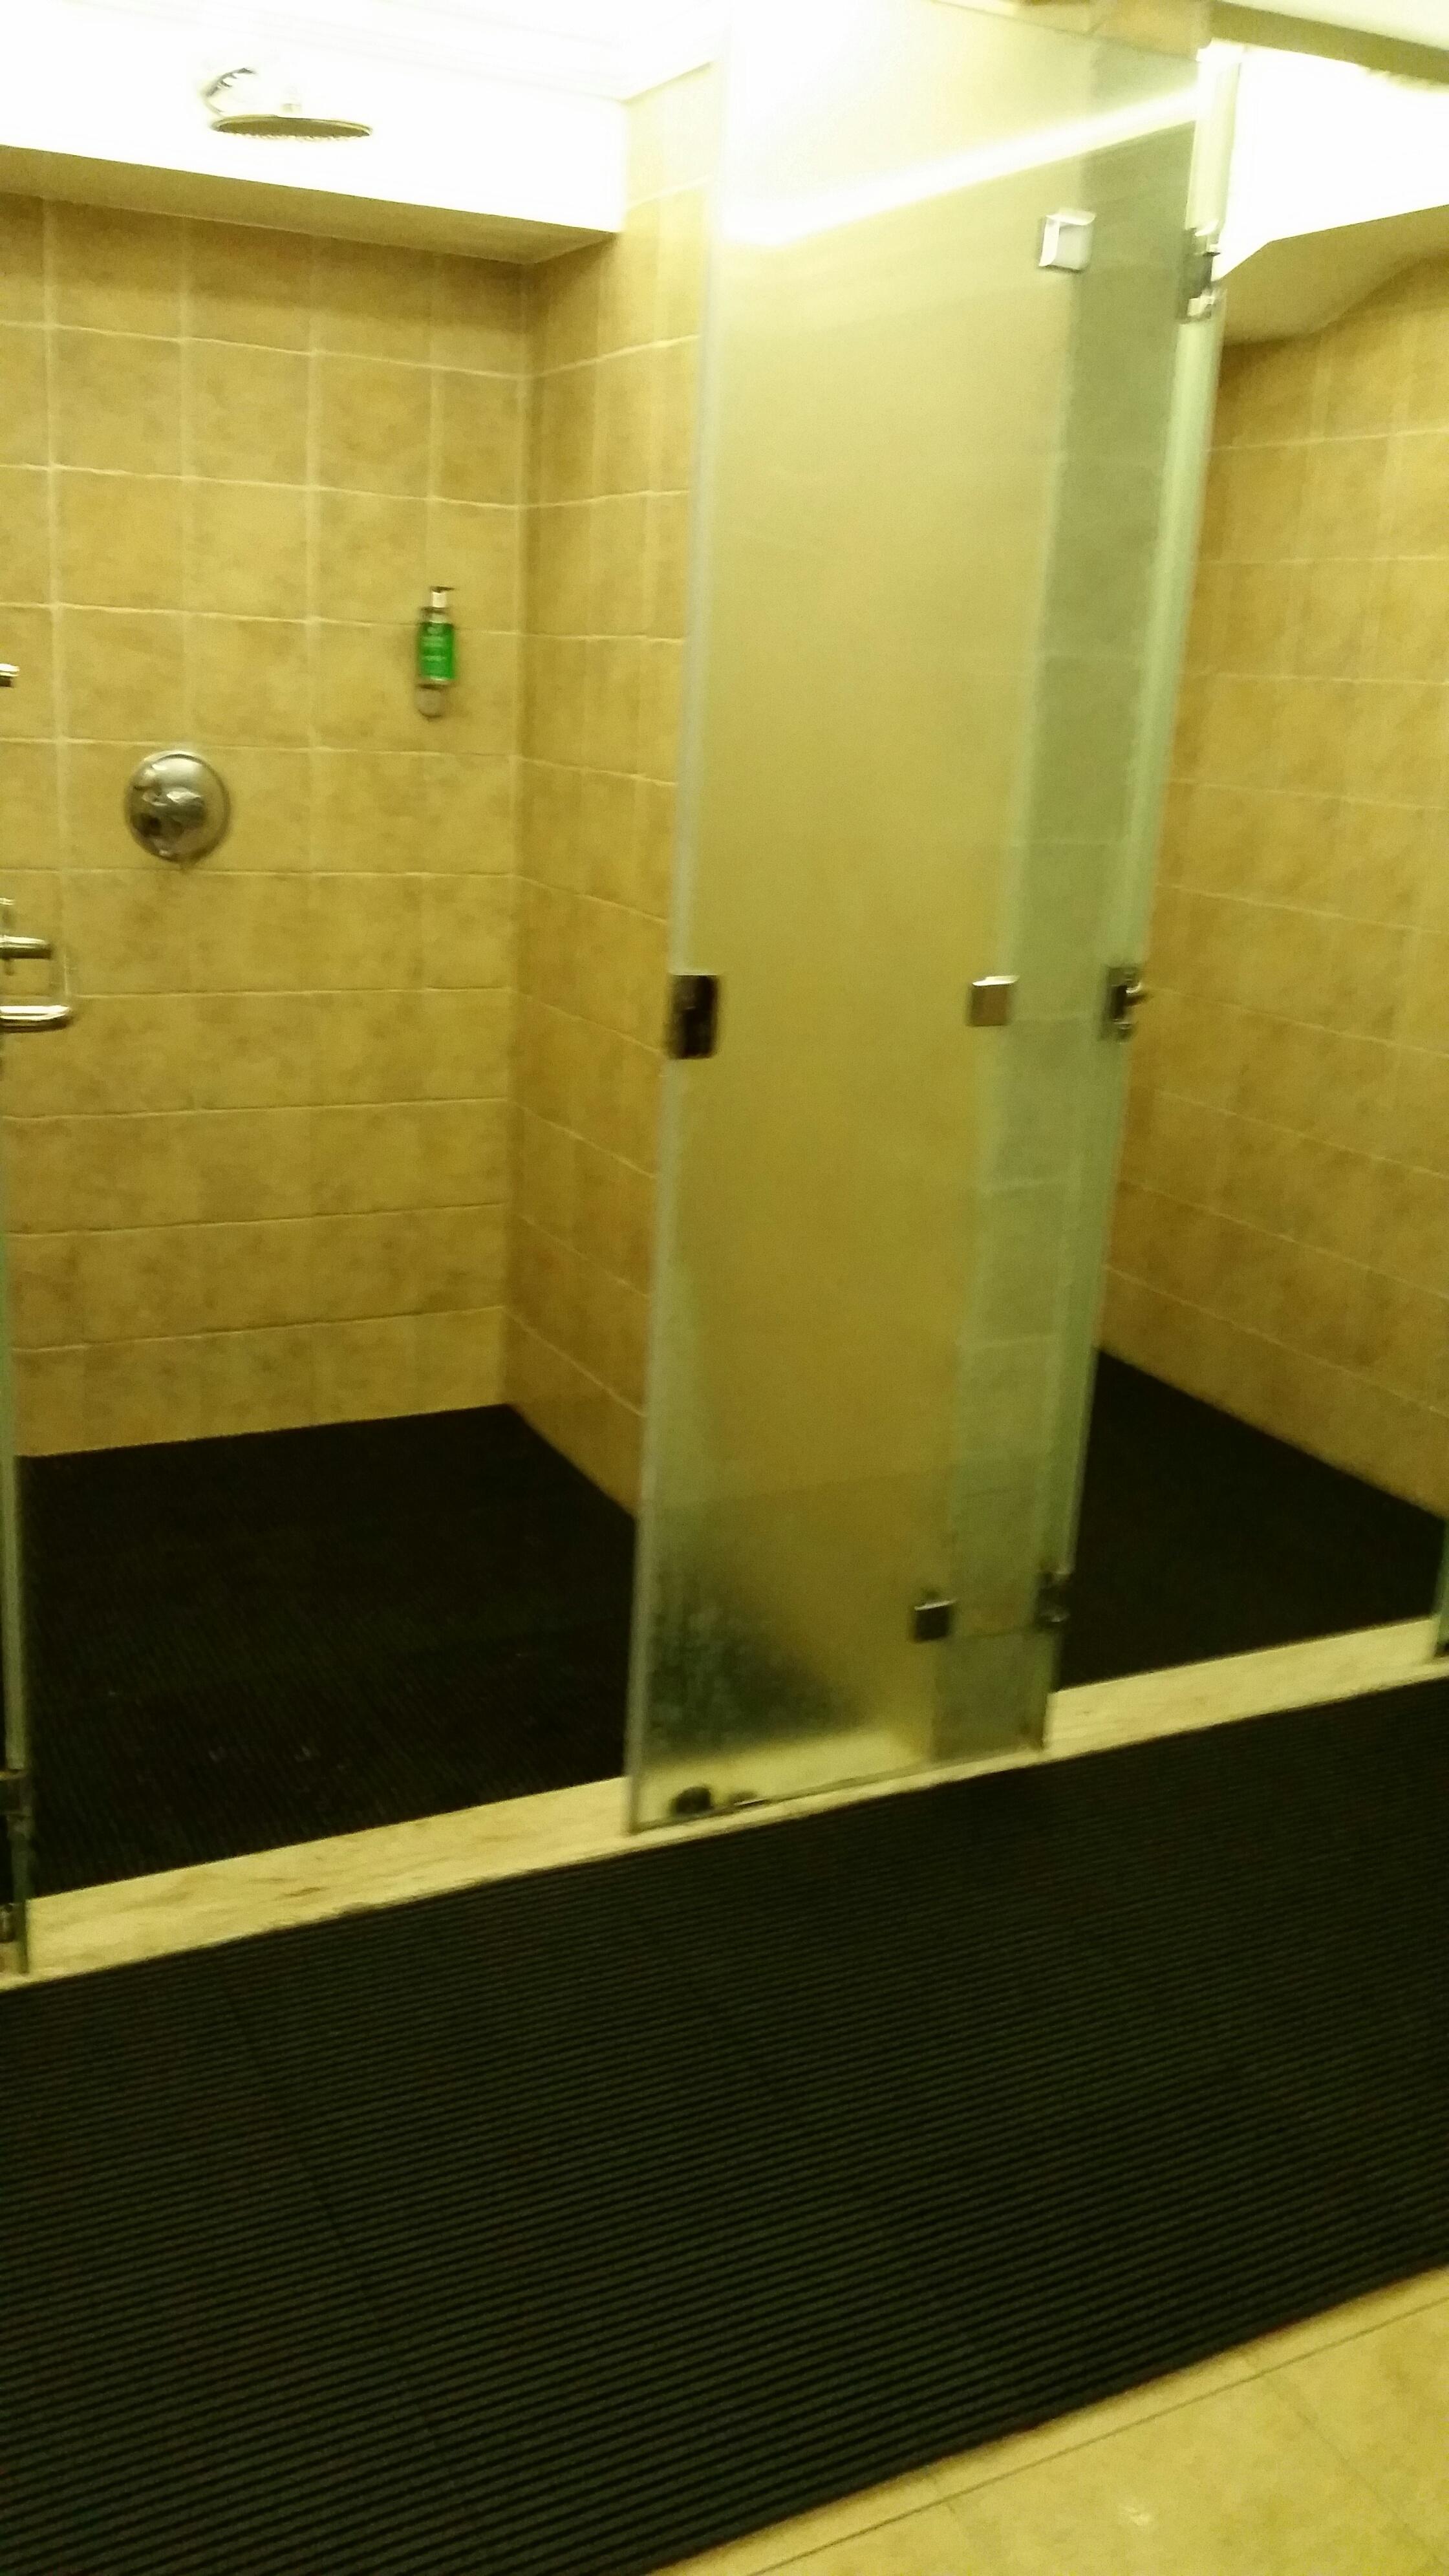 Debris Trap Mat - ideal for showers